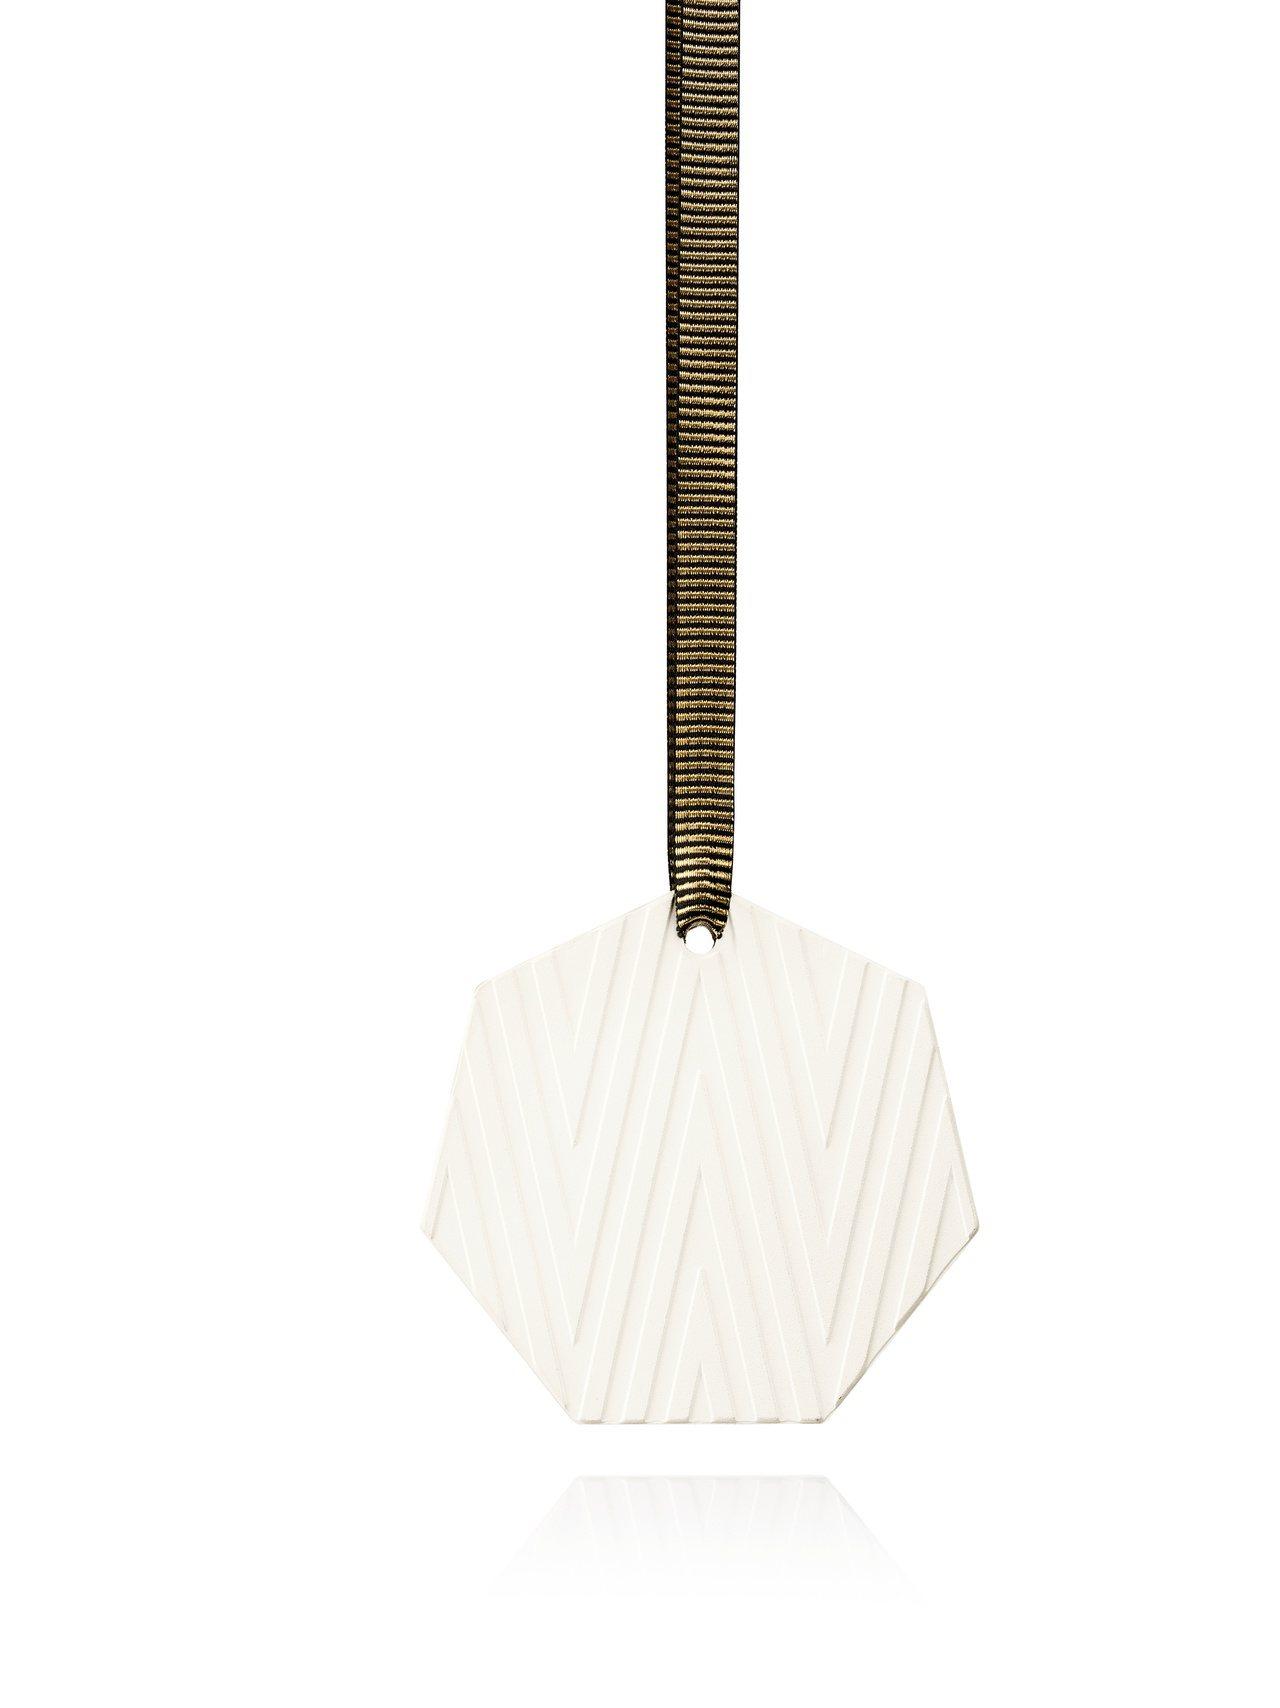 Jo Malone黑石榴香氛陶瓷耶誕吊飾,售價1,700元。圖/Jo Malon...